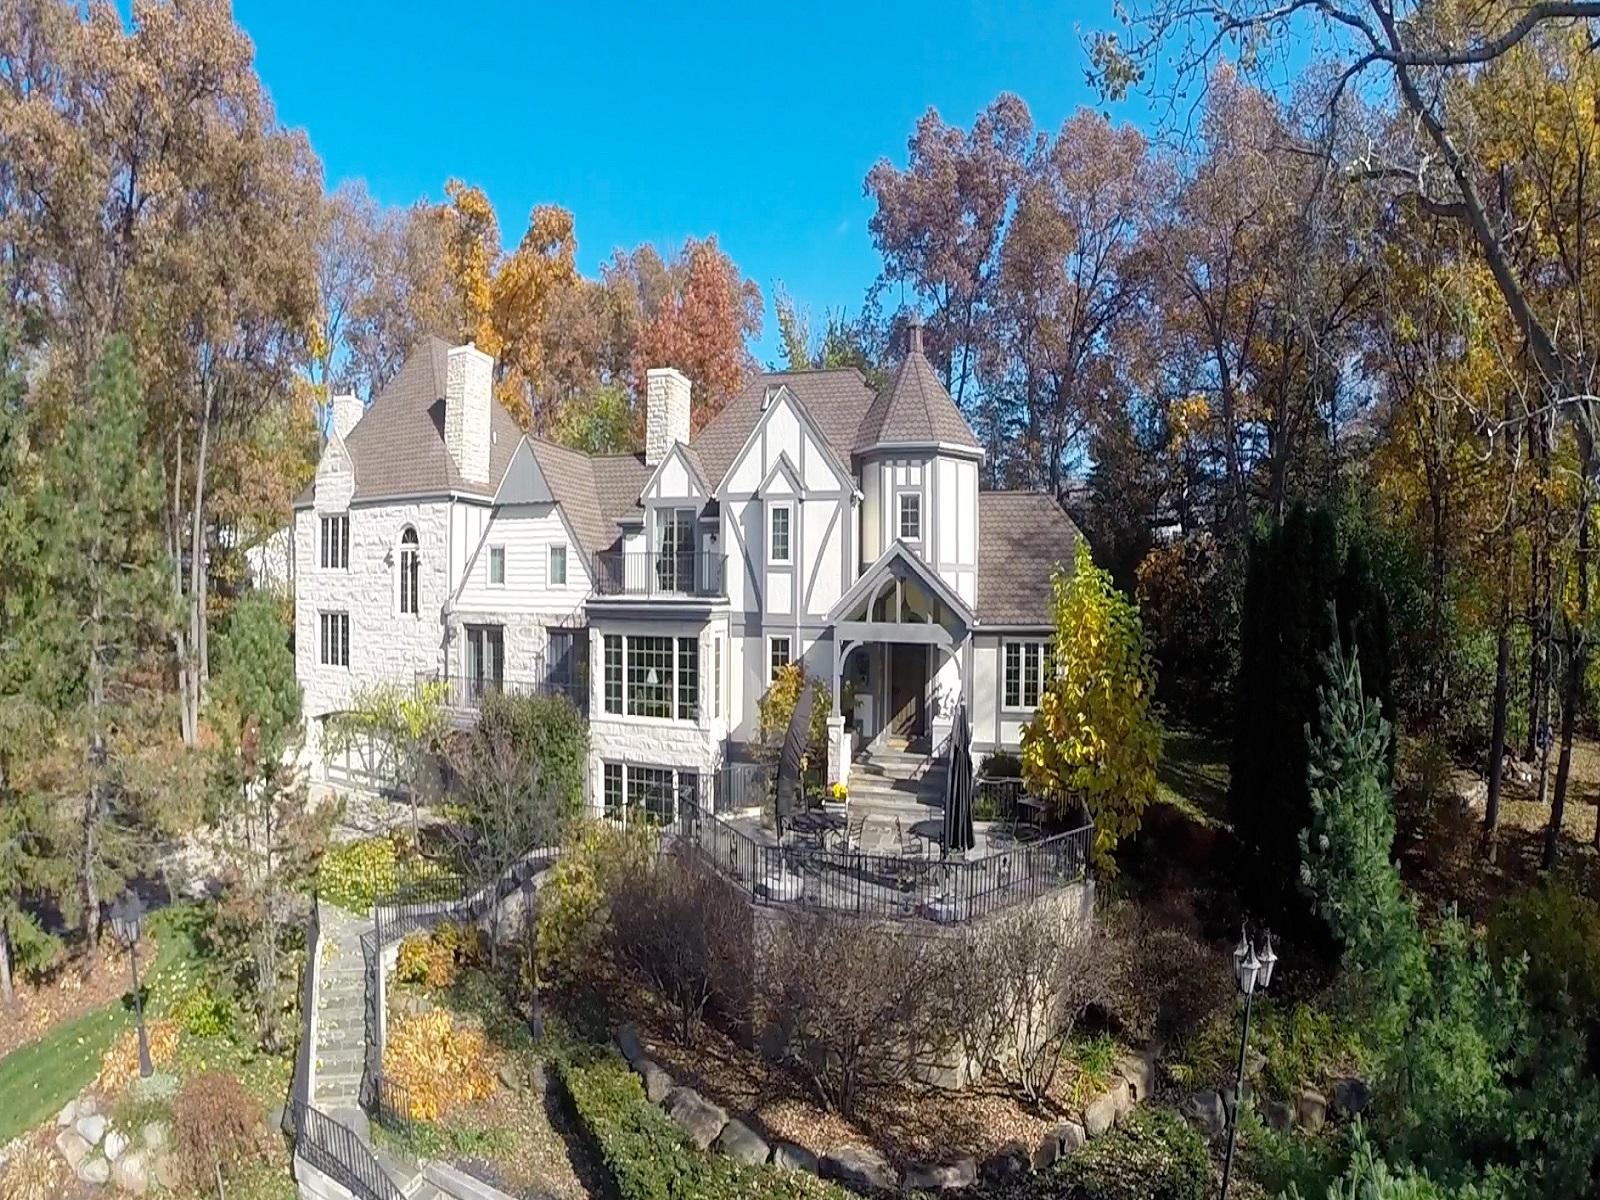 Maison unifamiliale pour l Vente à Bloomfield 5155 Inkster Road Bloomfield, Michigan 48302 États-Unis